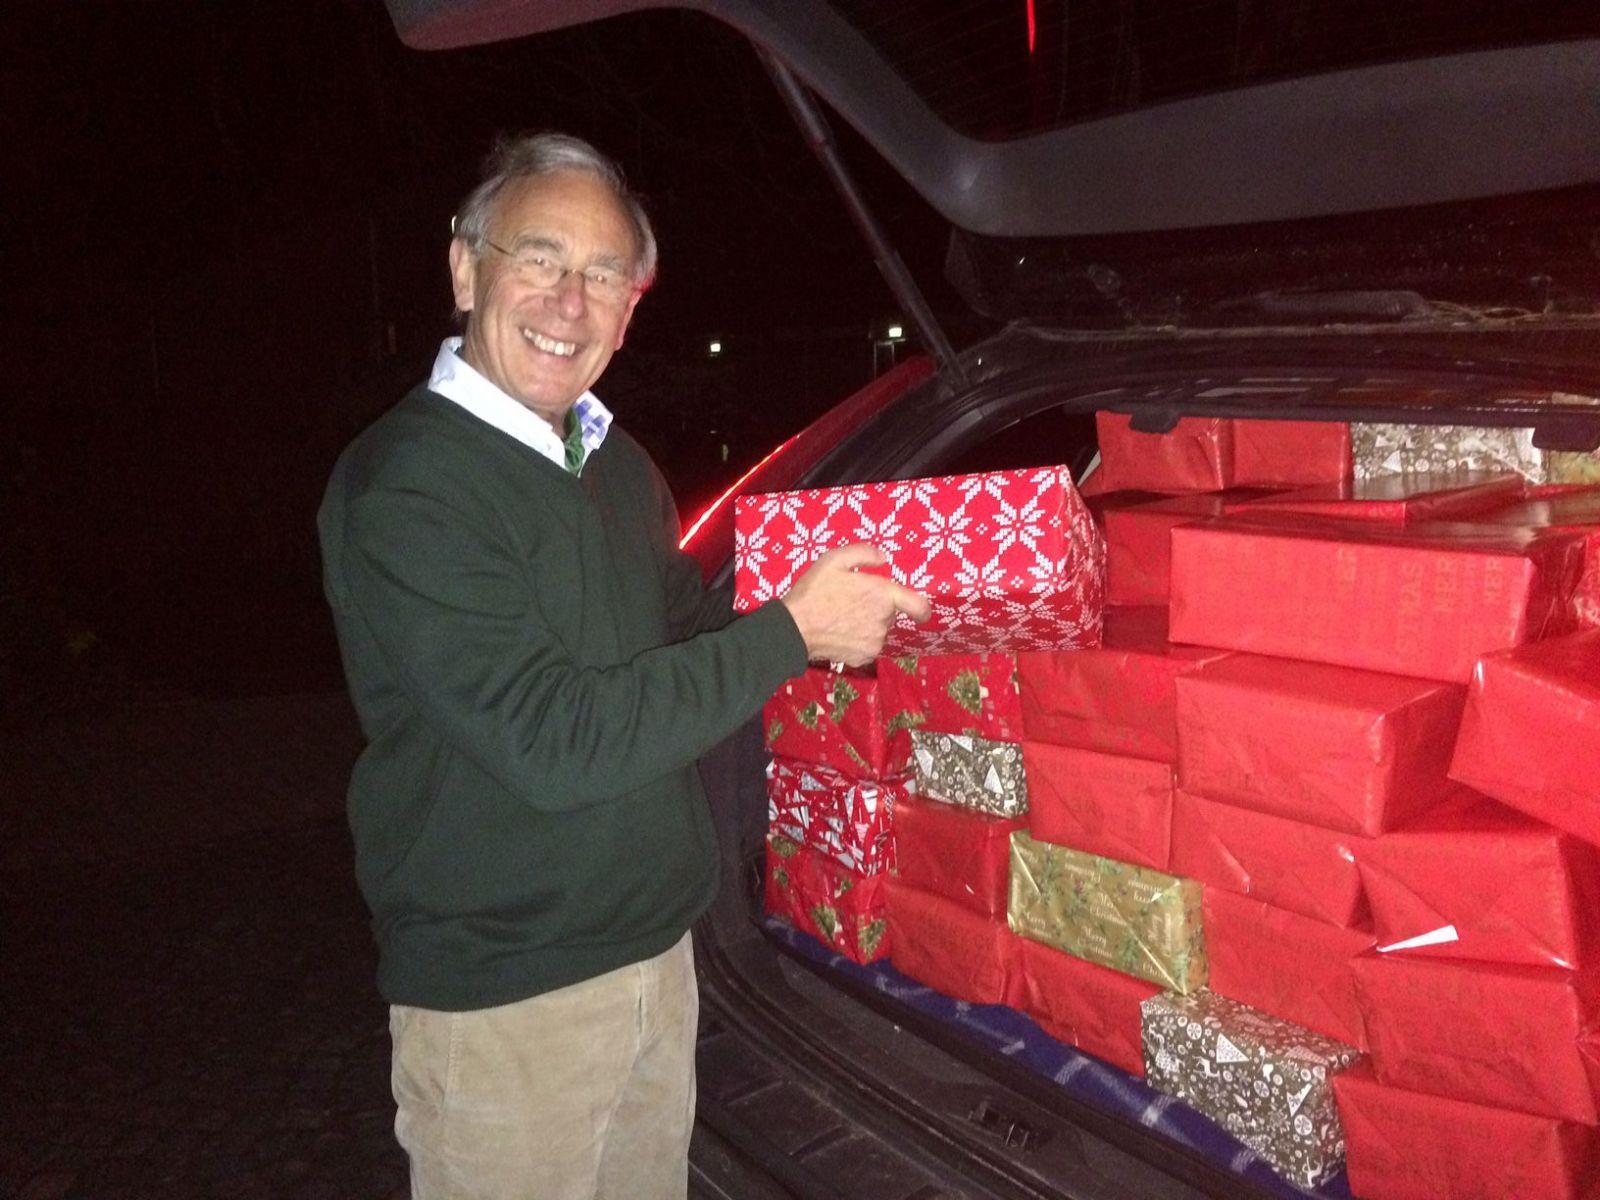 Über 150 Weihnachtsgeschenke für Bedürftige | Deister Echo